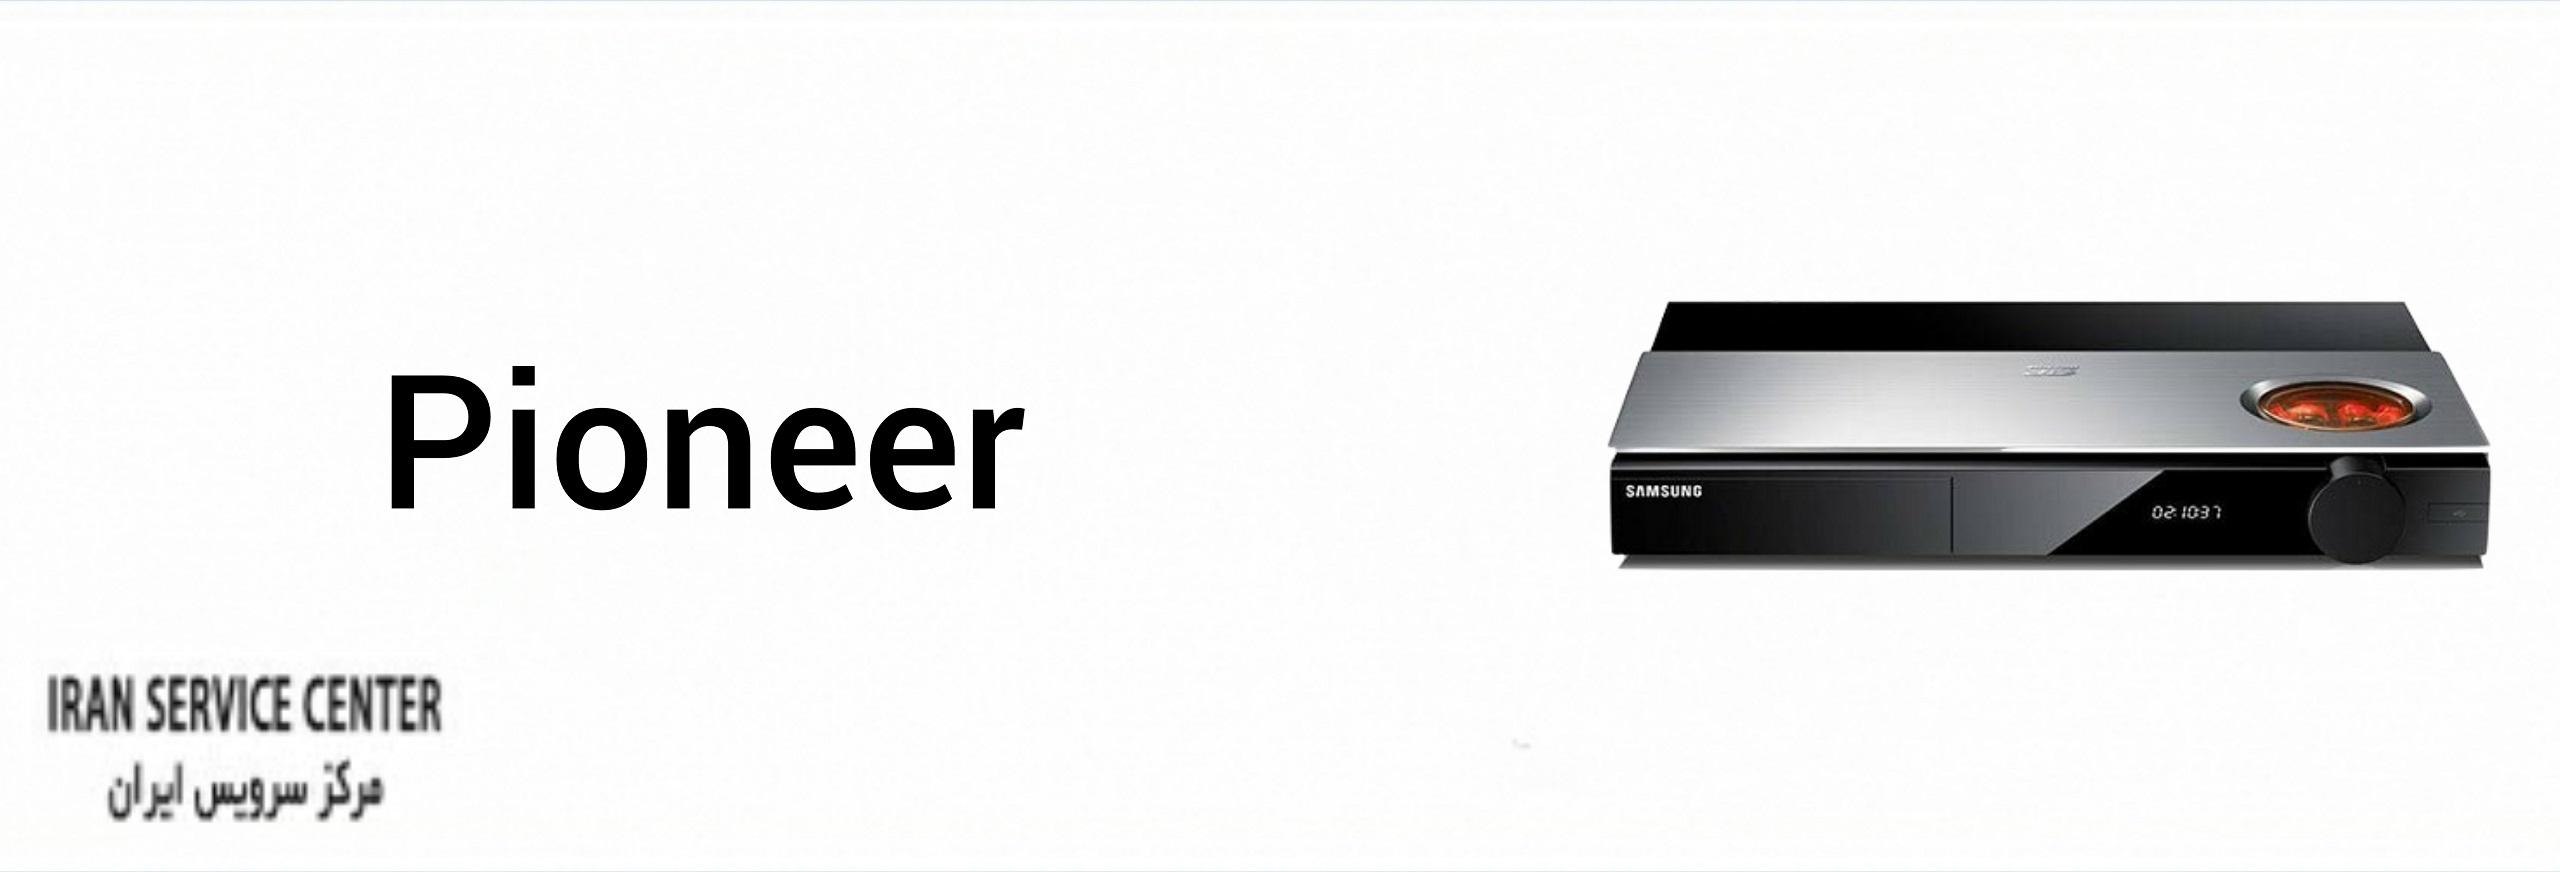 نمایندگی تعمیرات دستگاه بلوری پایونیر (PIONEER)